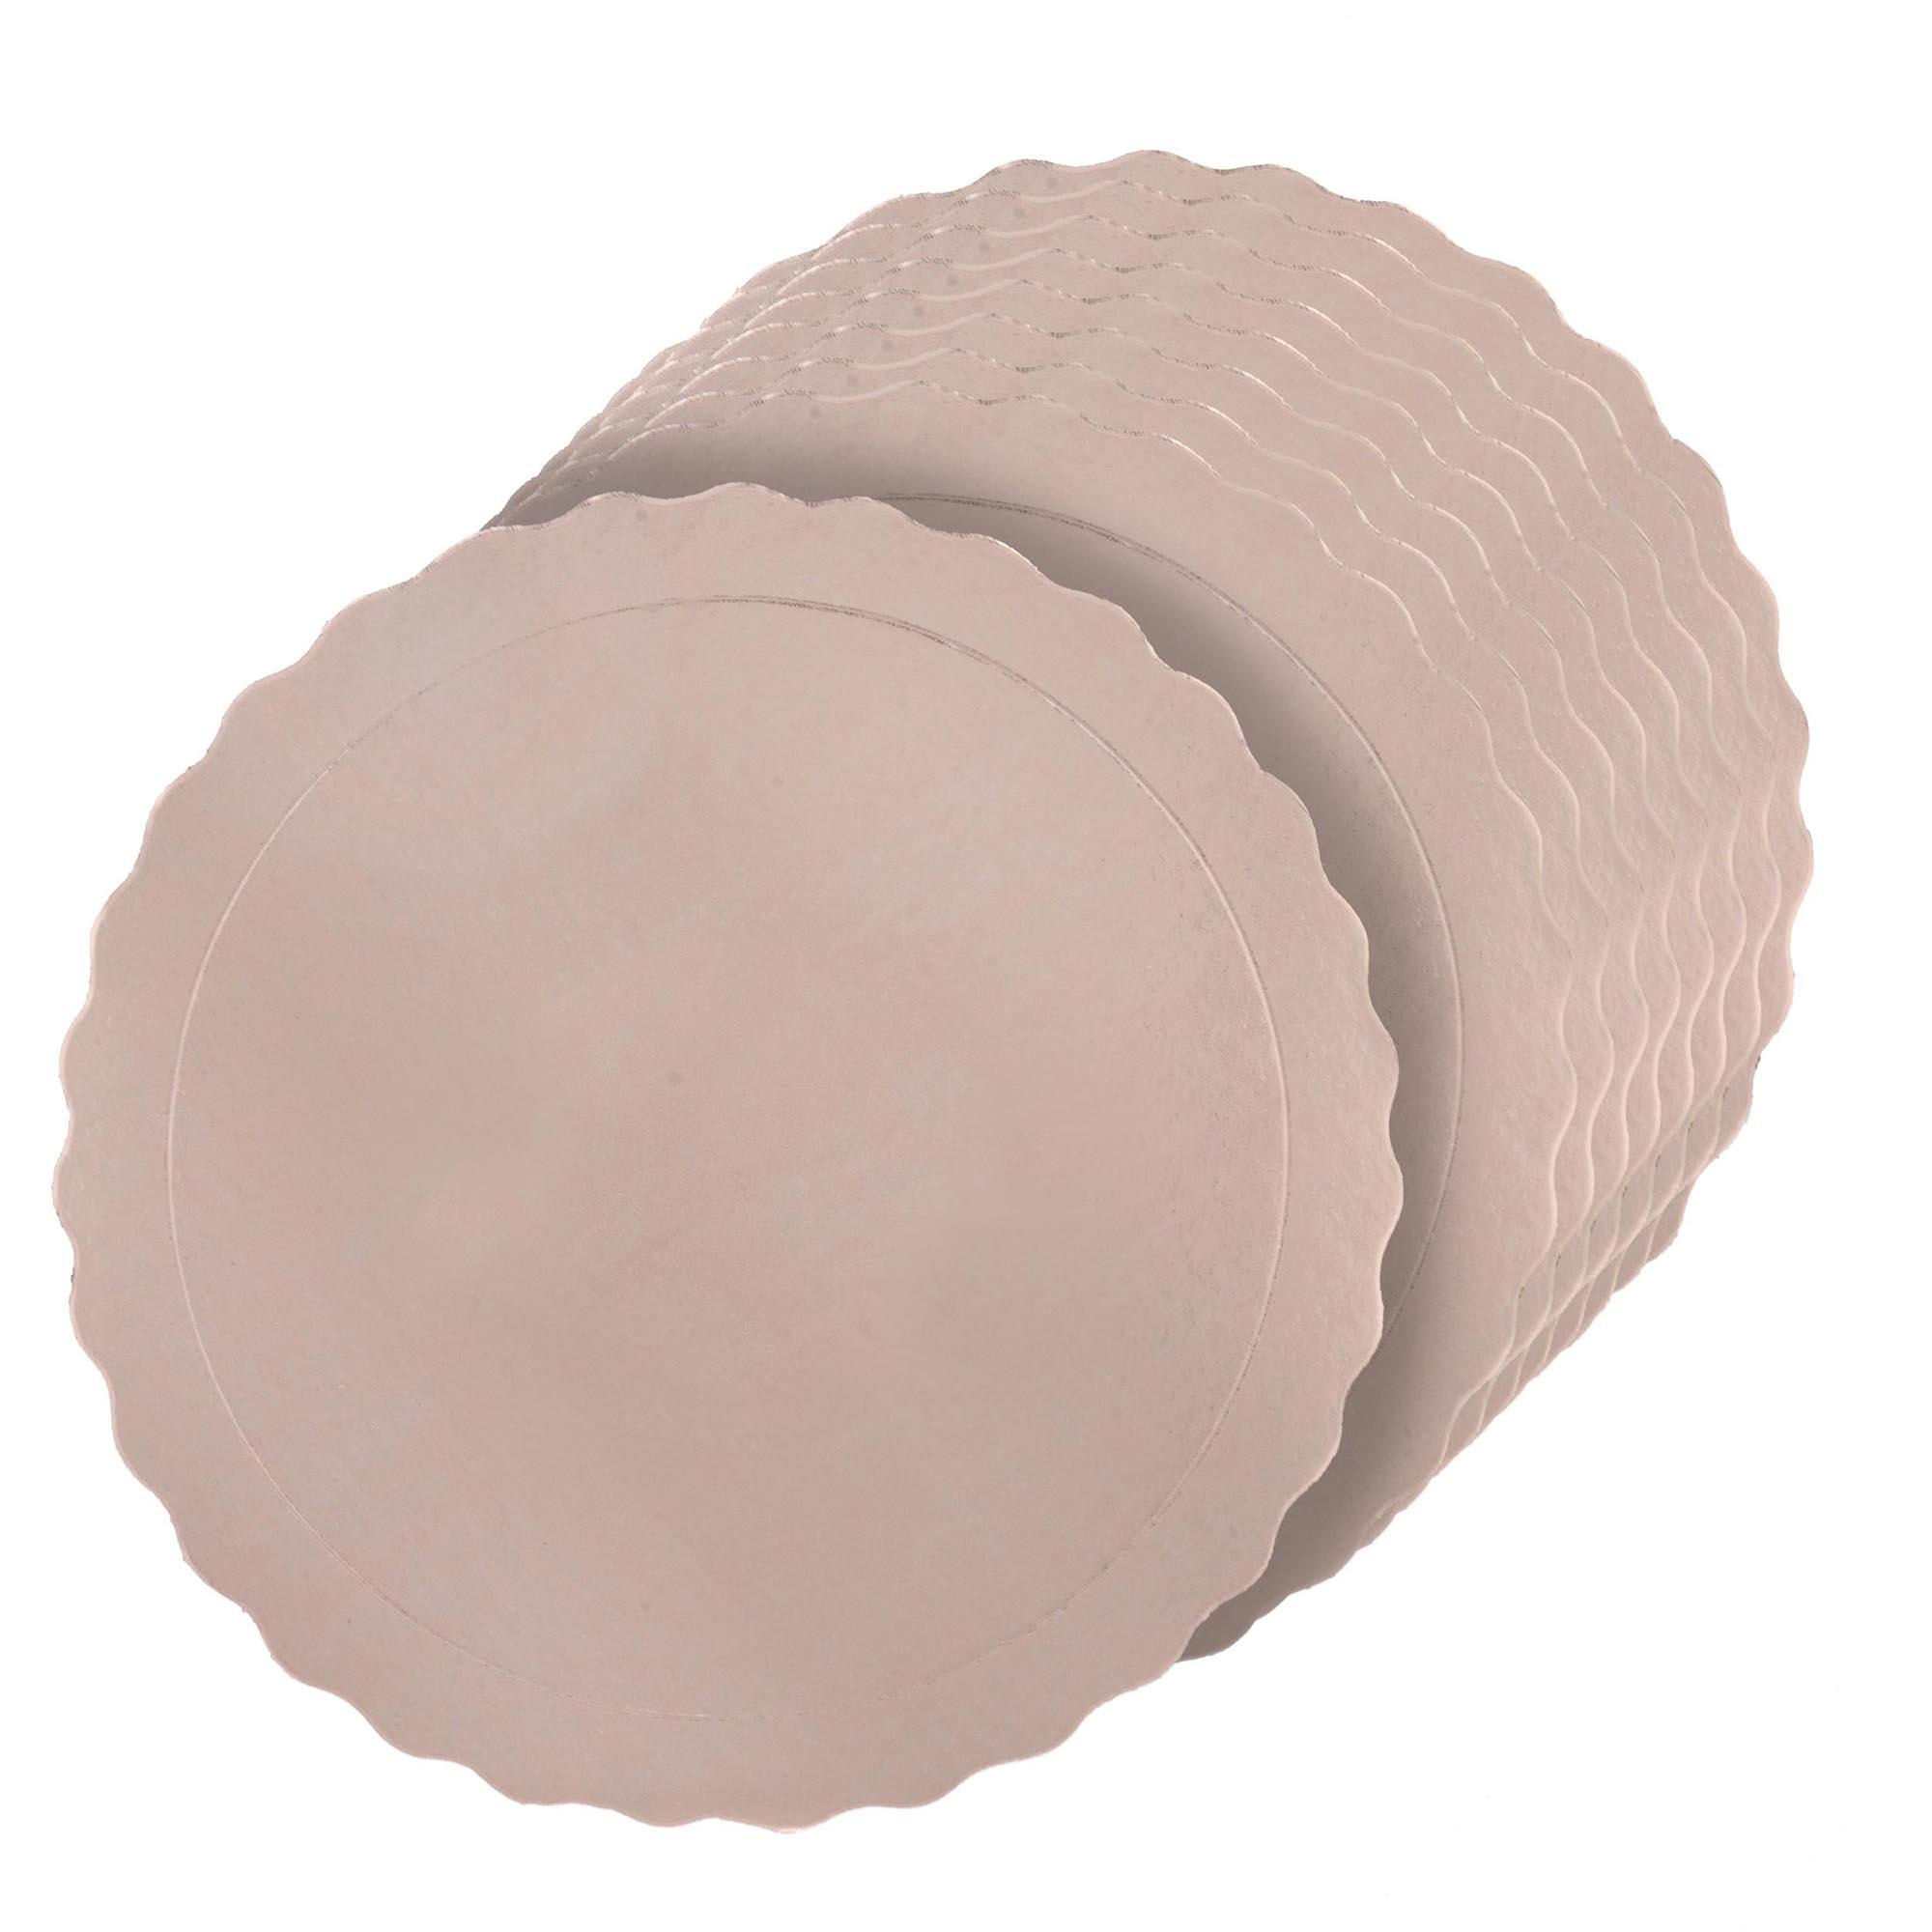 Kit 100 Bases Laminadas Para Bolo, Cake Board, 28 e 32cm - Rose Gold